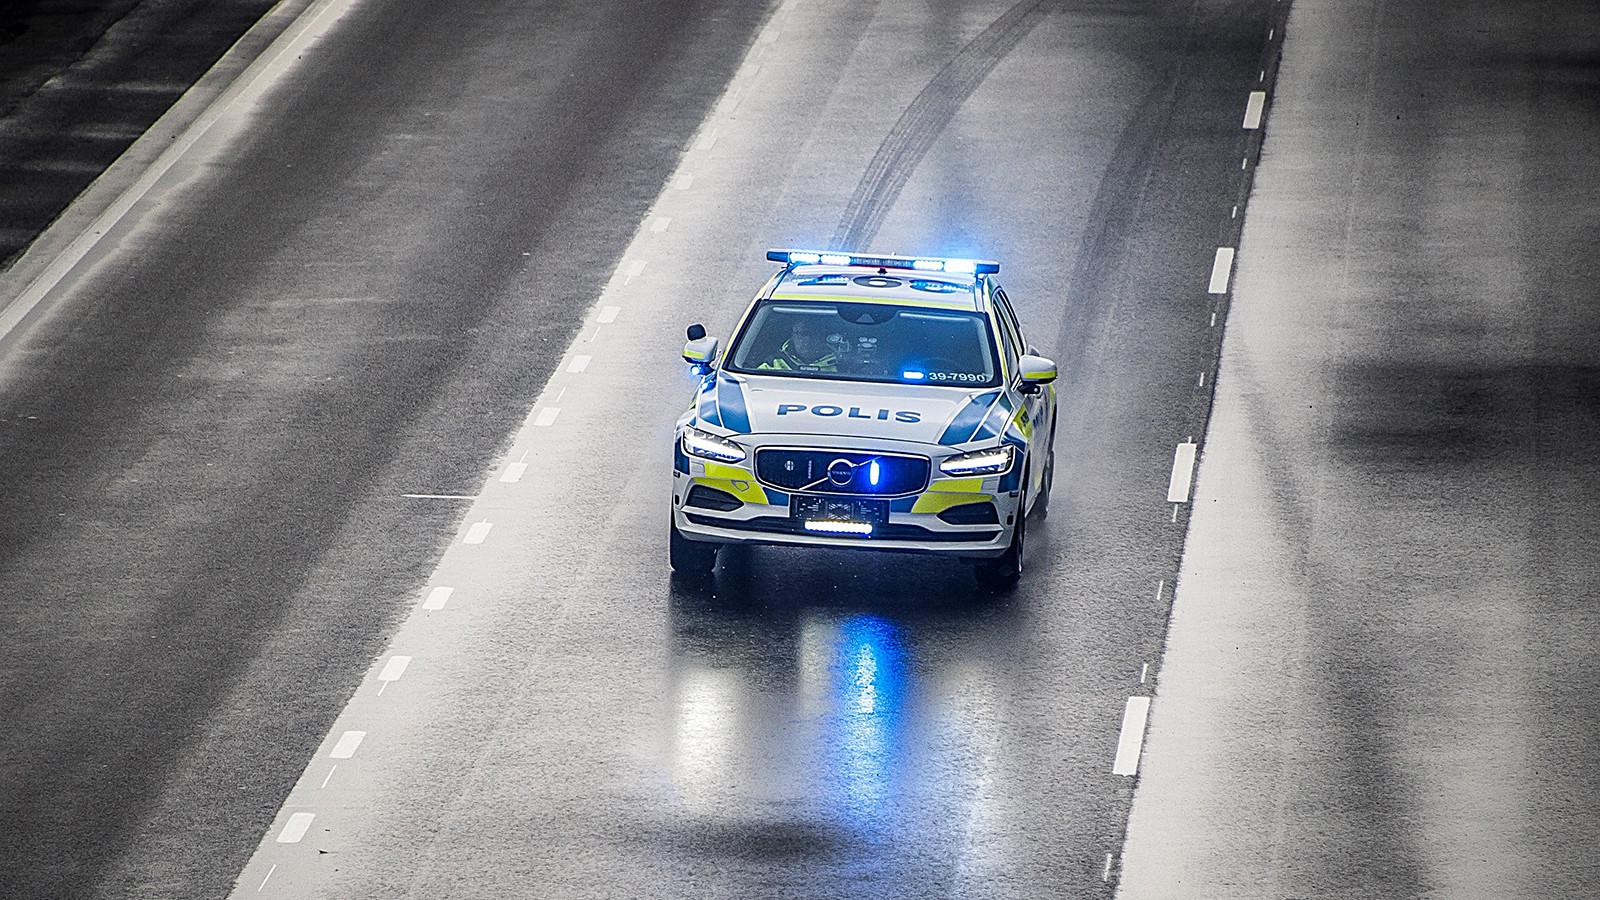 Готов ктруду иобороне: полицейский Вольво V90 проверили совсей строгостью